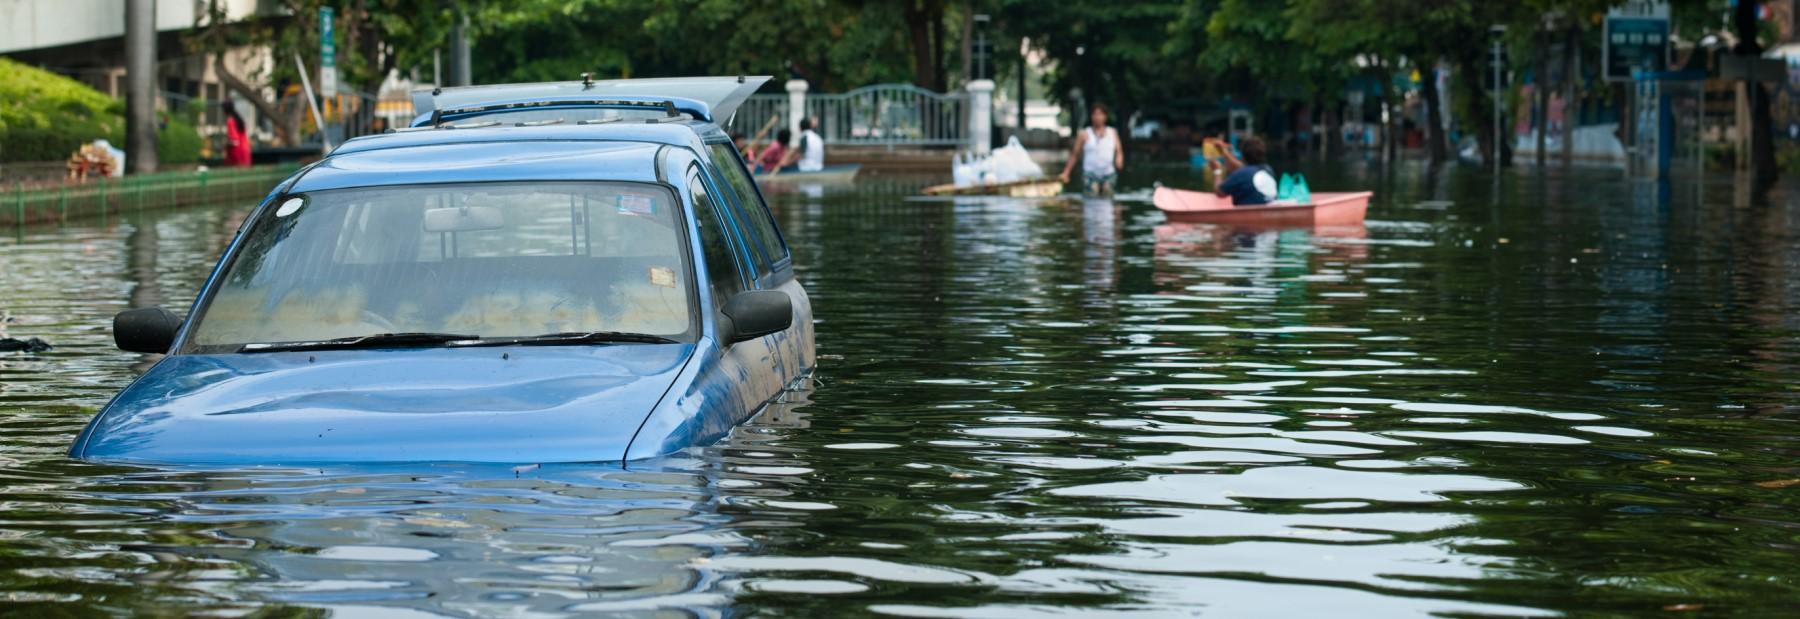 Flutkatastrophe: Bedrohung durch Plünderungen